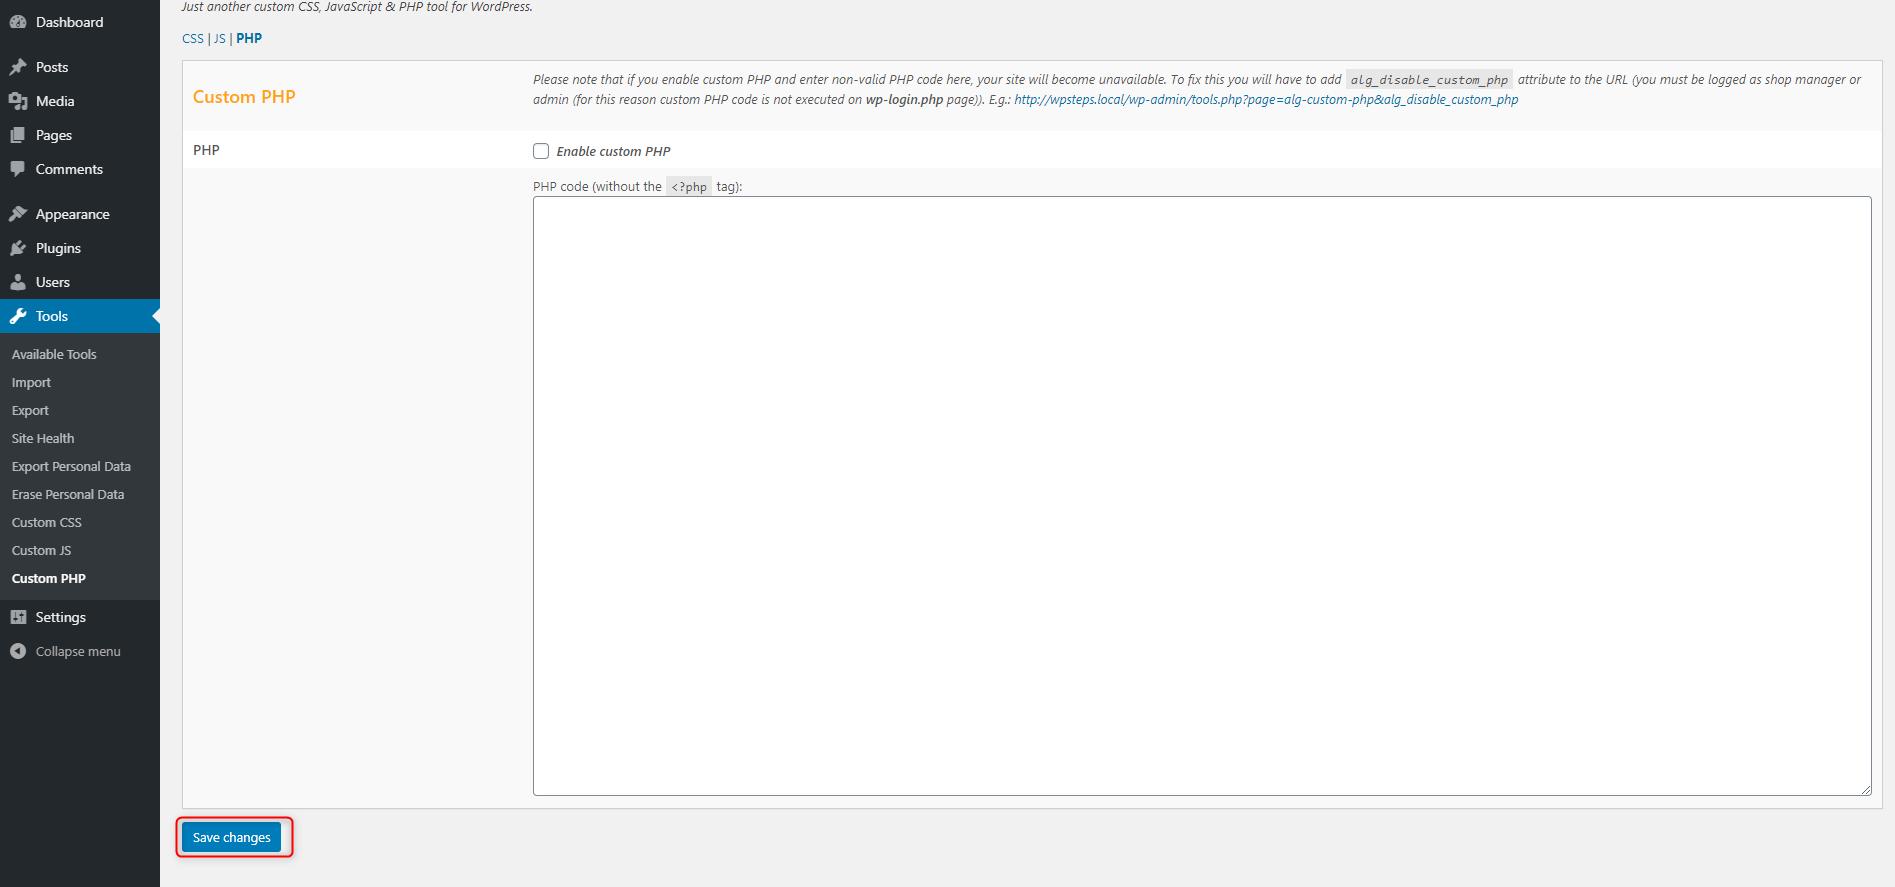 How to Add Custom PHP Code in WordPress - Custom PHP code